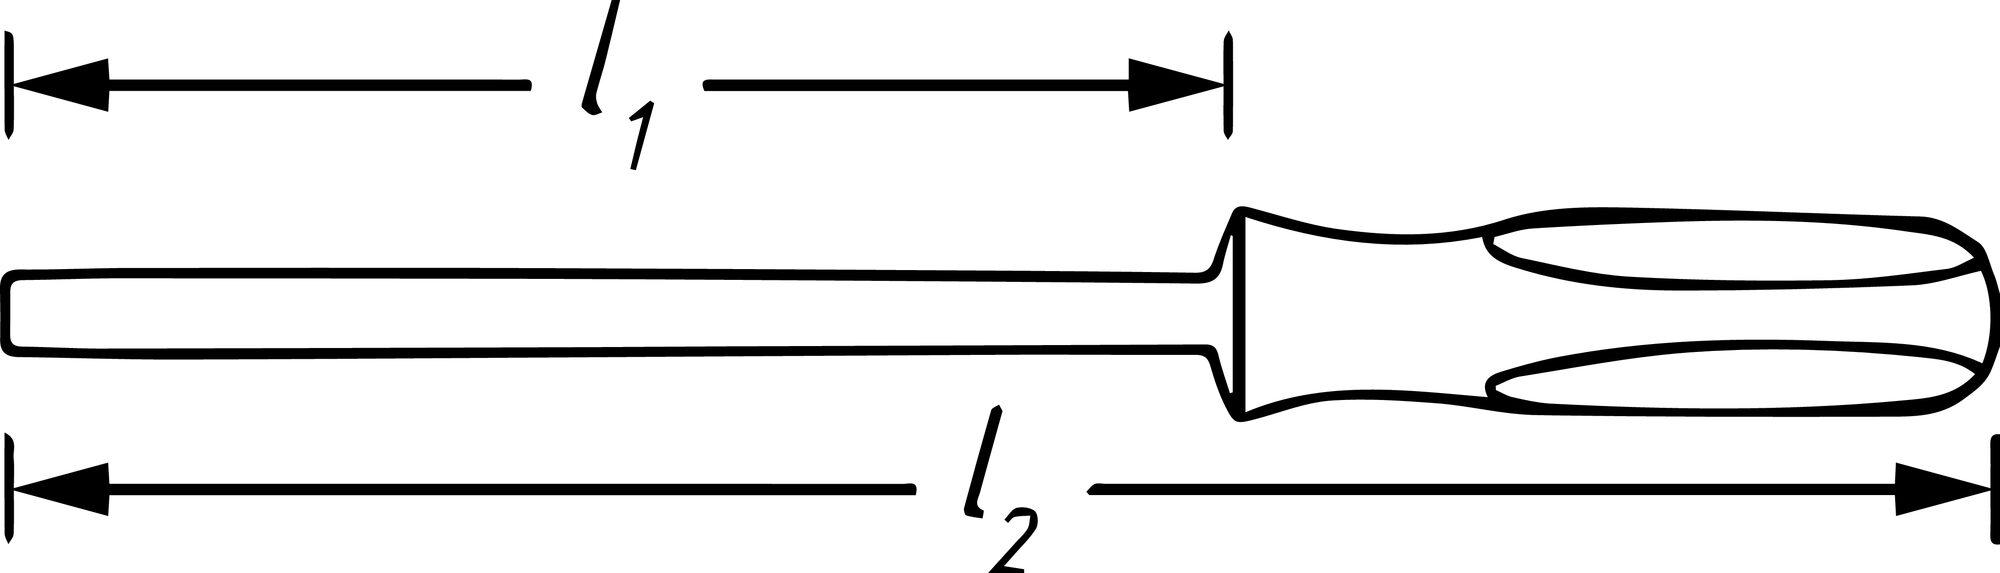 HAZET Steckschlüssel ∙ flexibel 426-10 ∙ Außen-Sechskant Profil ∙ 10 mm